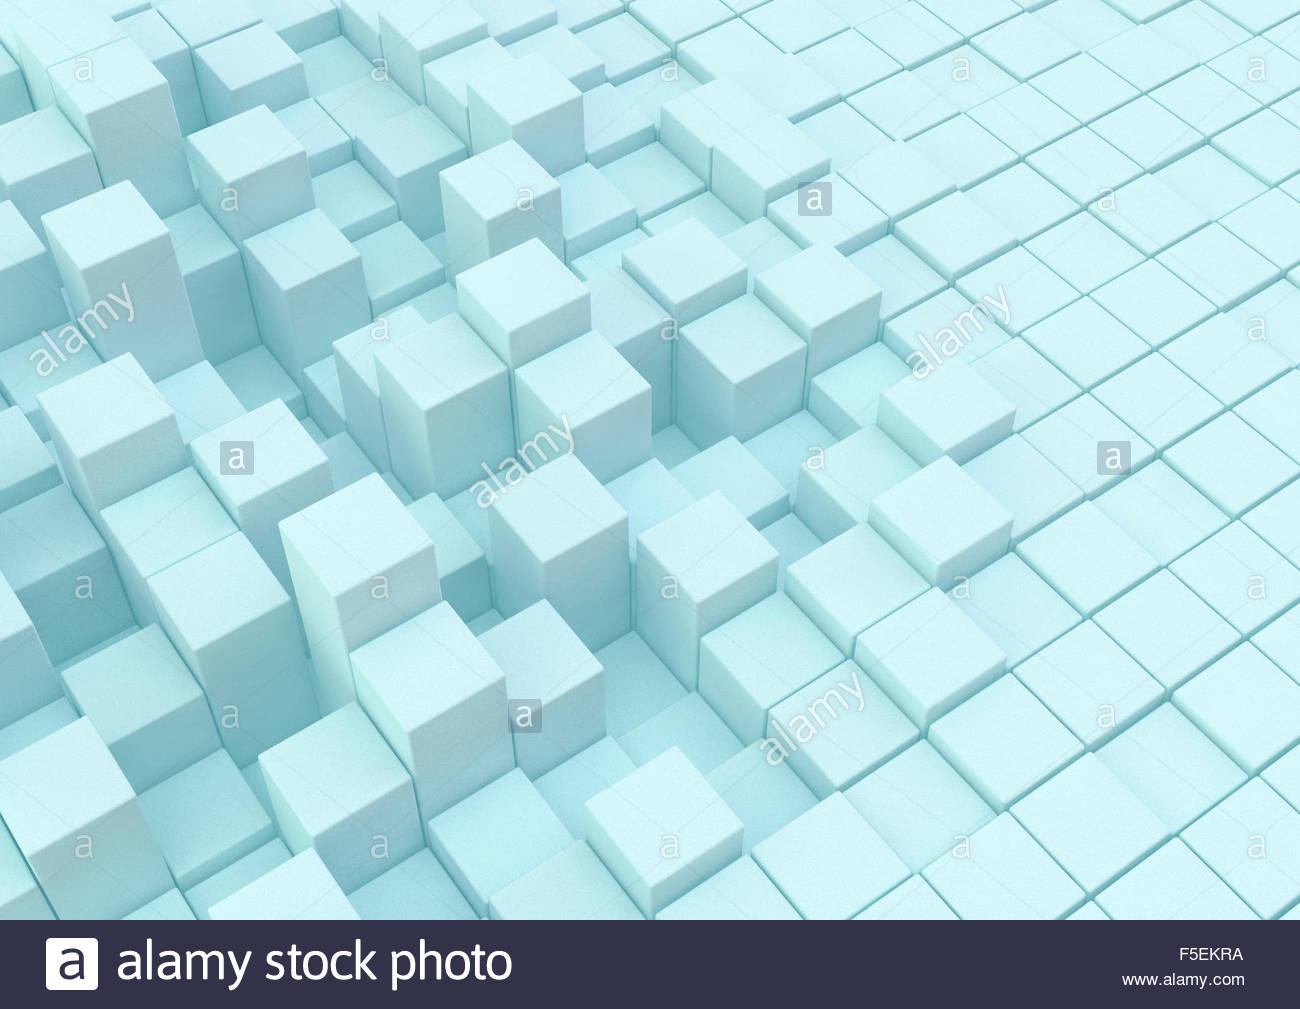 Unebene Oberfläche mit Bausteinen der verschiedenen Höhen in Gitter-Muster Stockbild